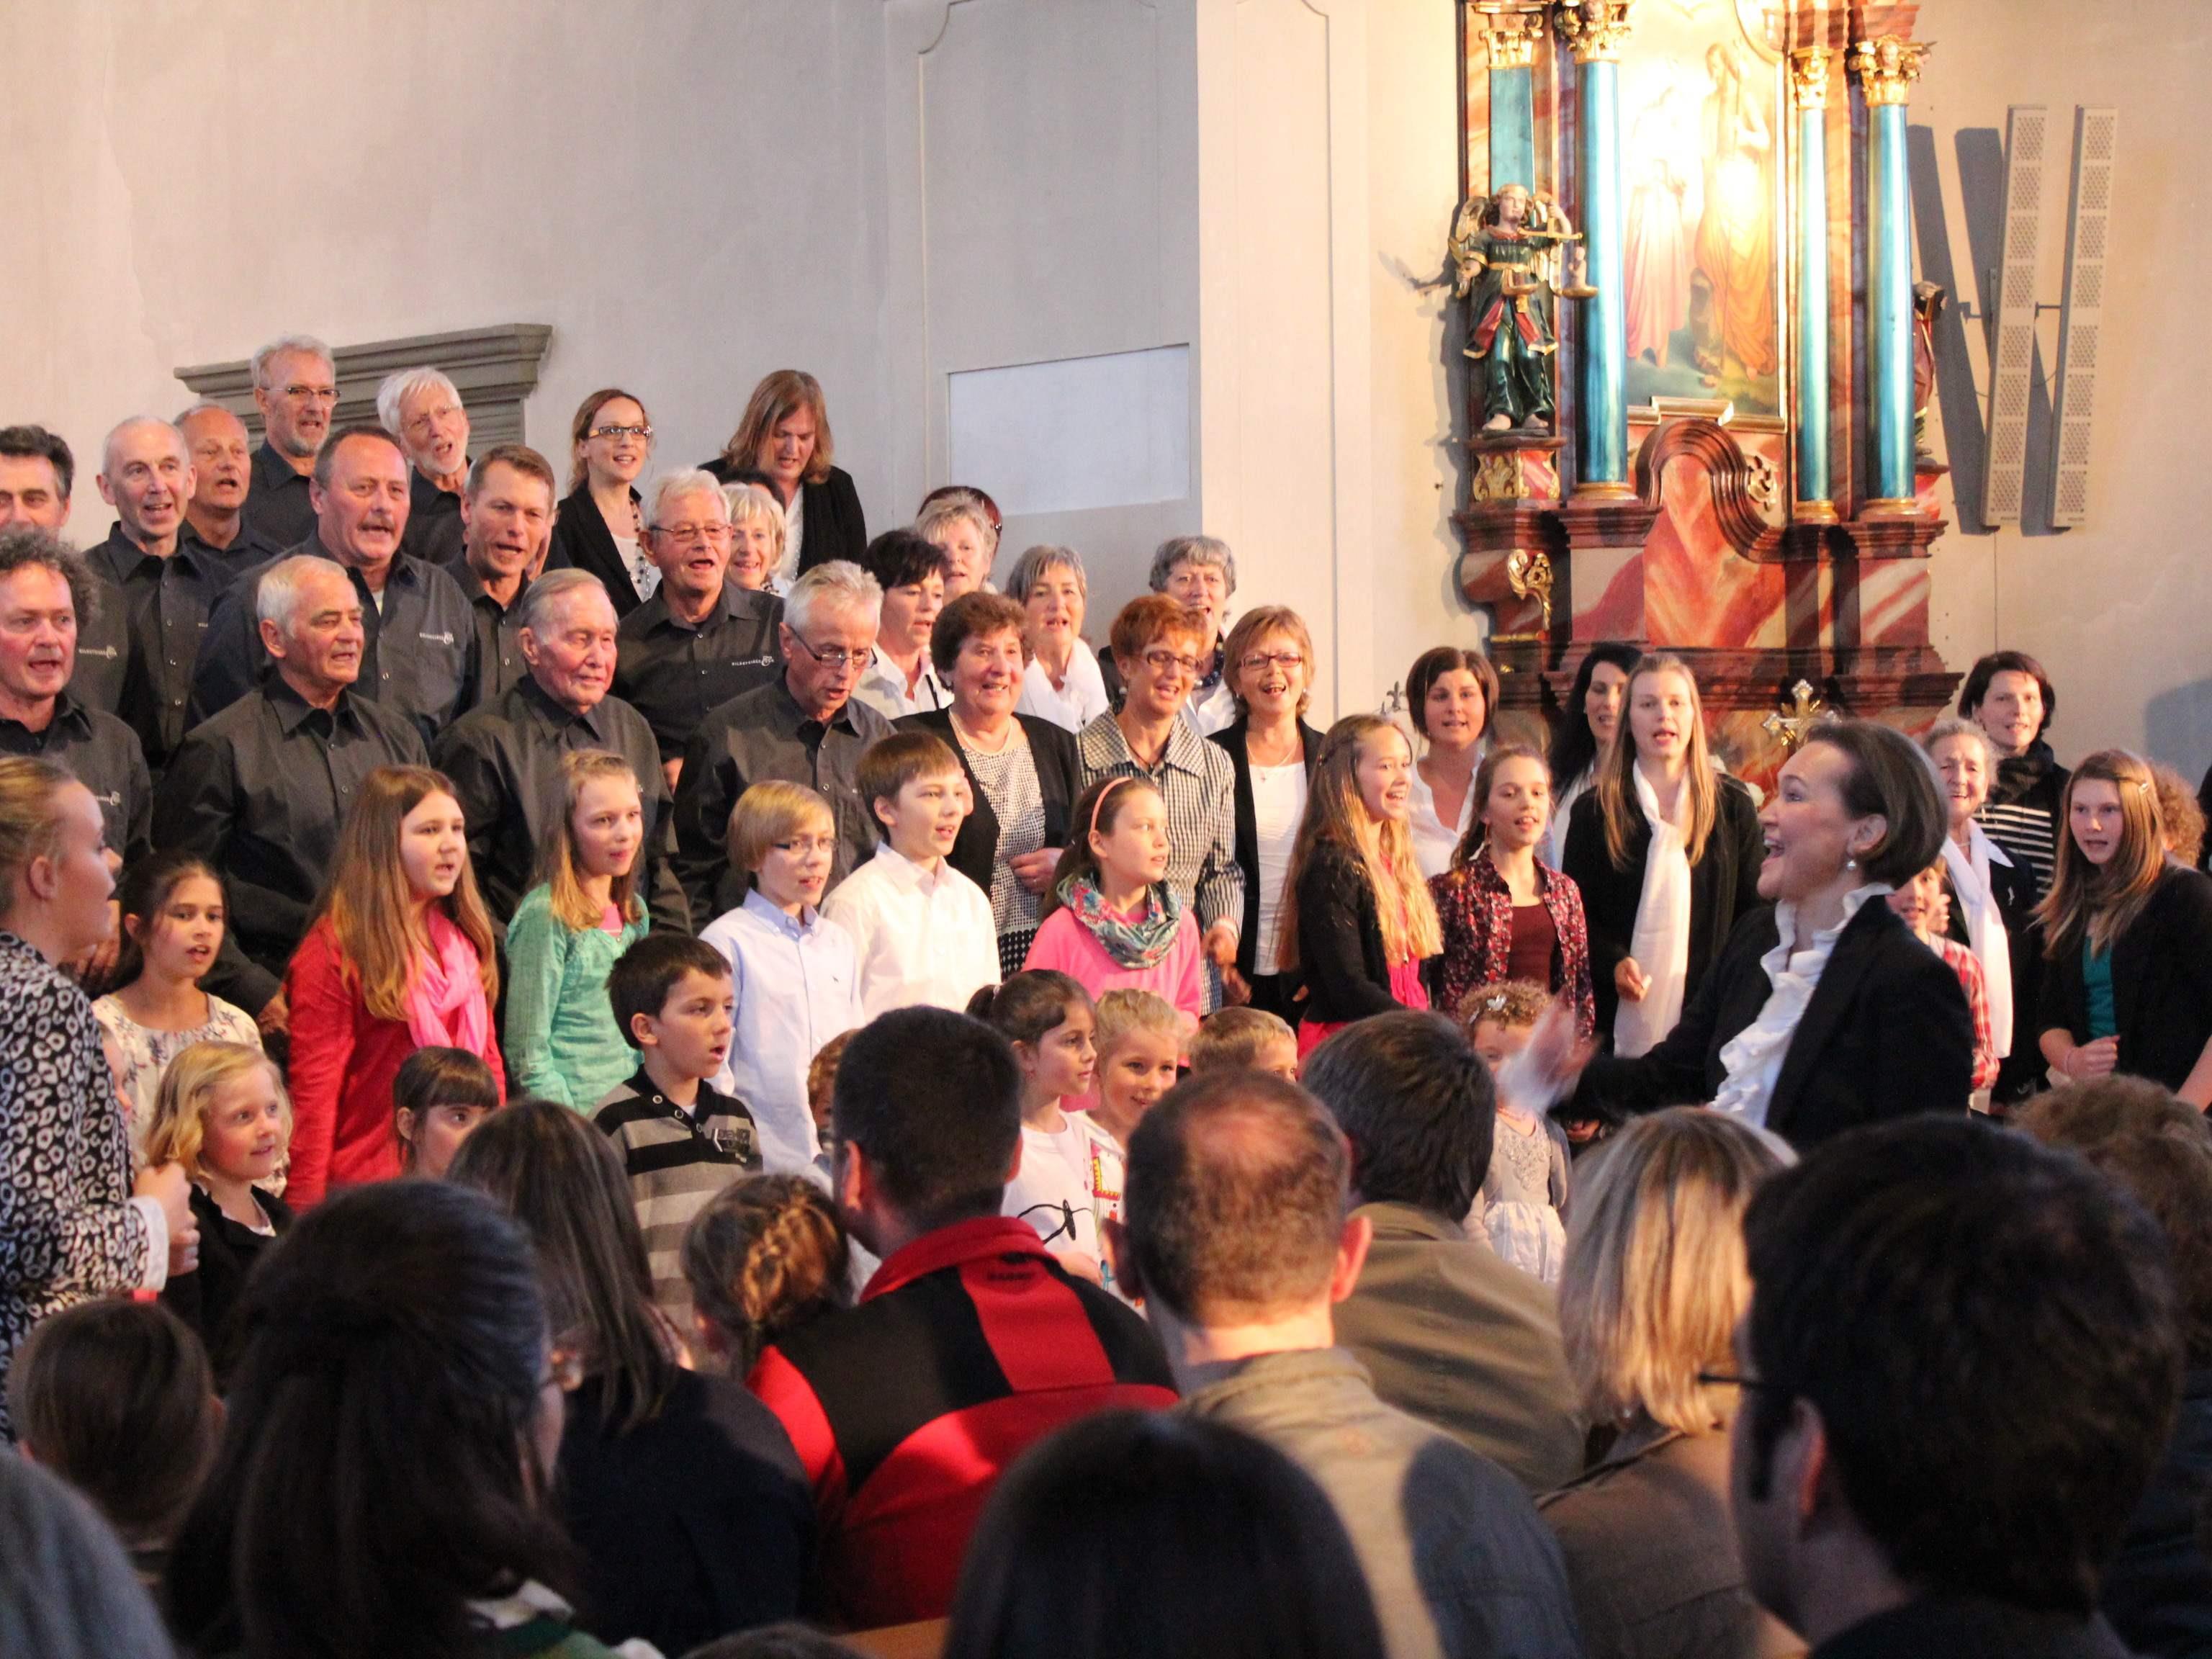 Klein und Groß beim gemeinsamen Singen in der Wallfahrtskirche.